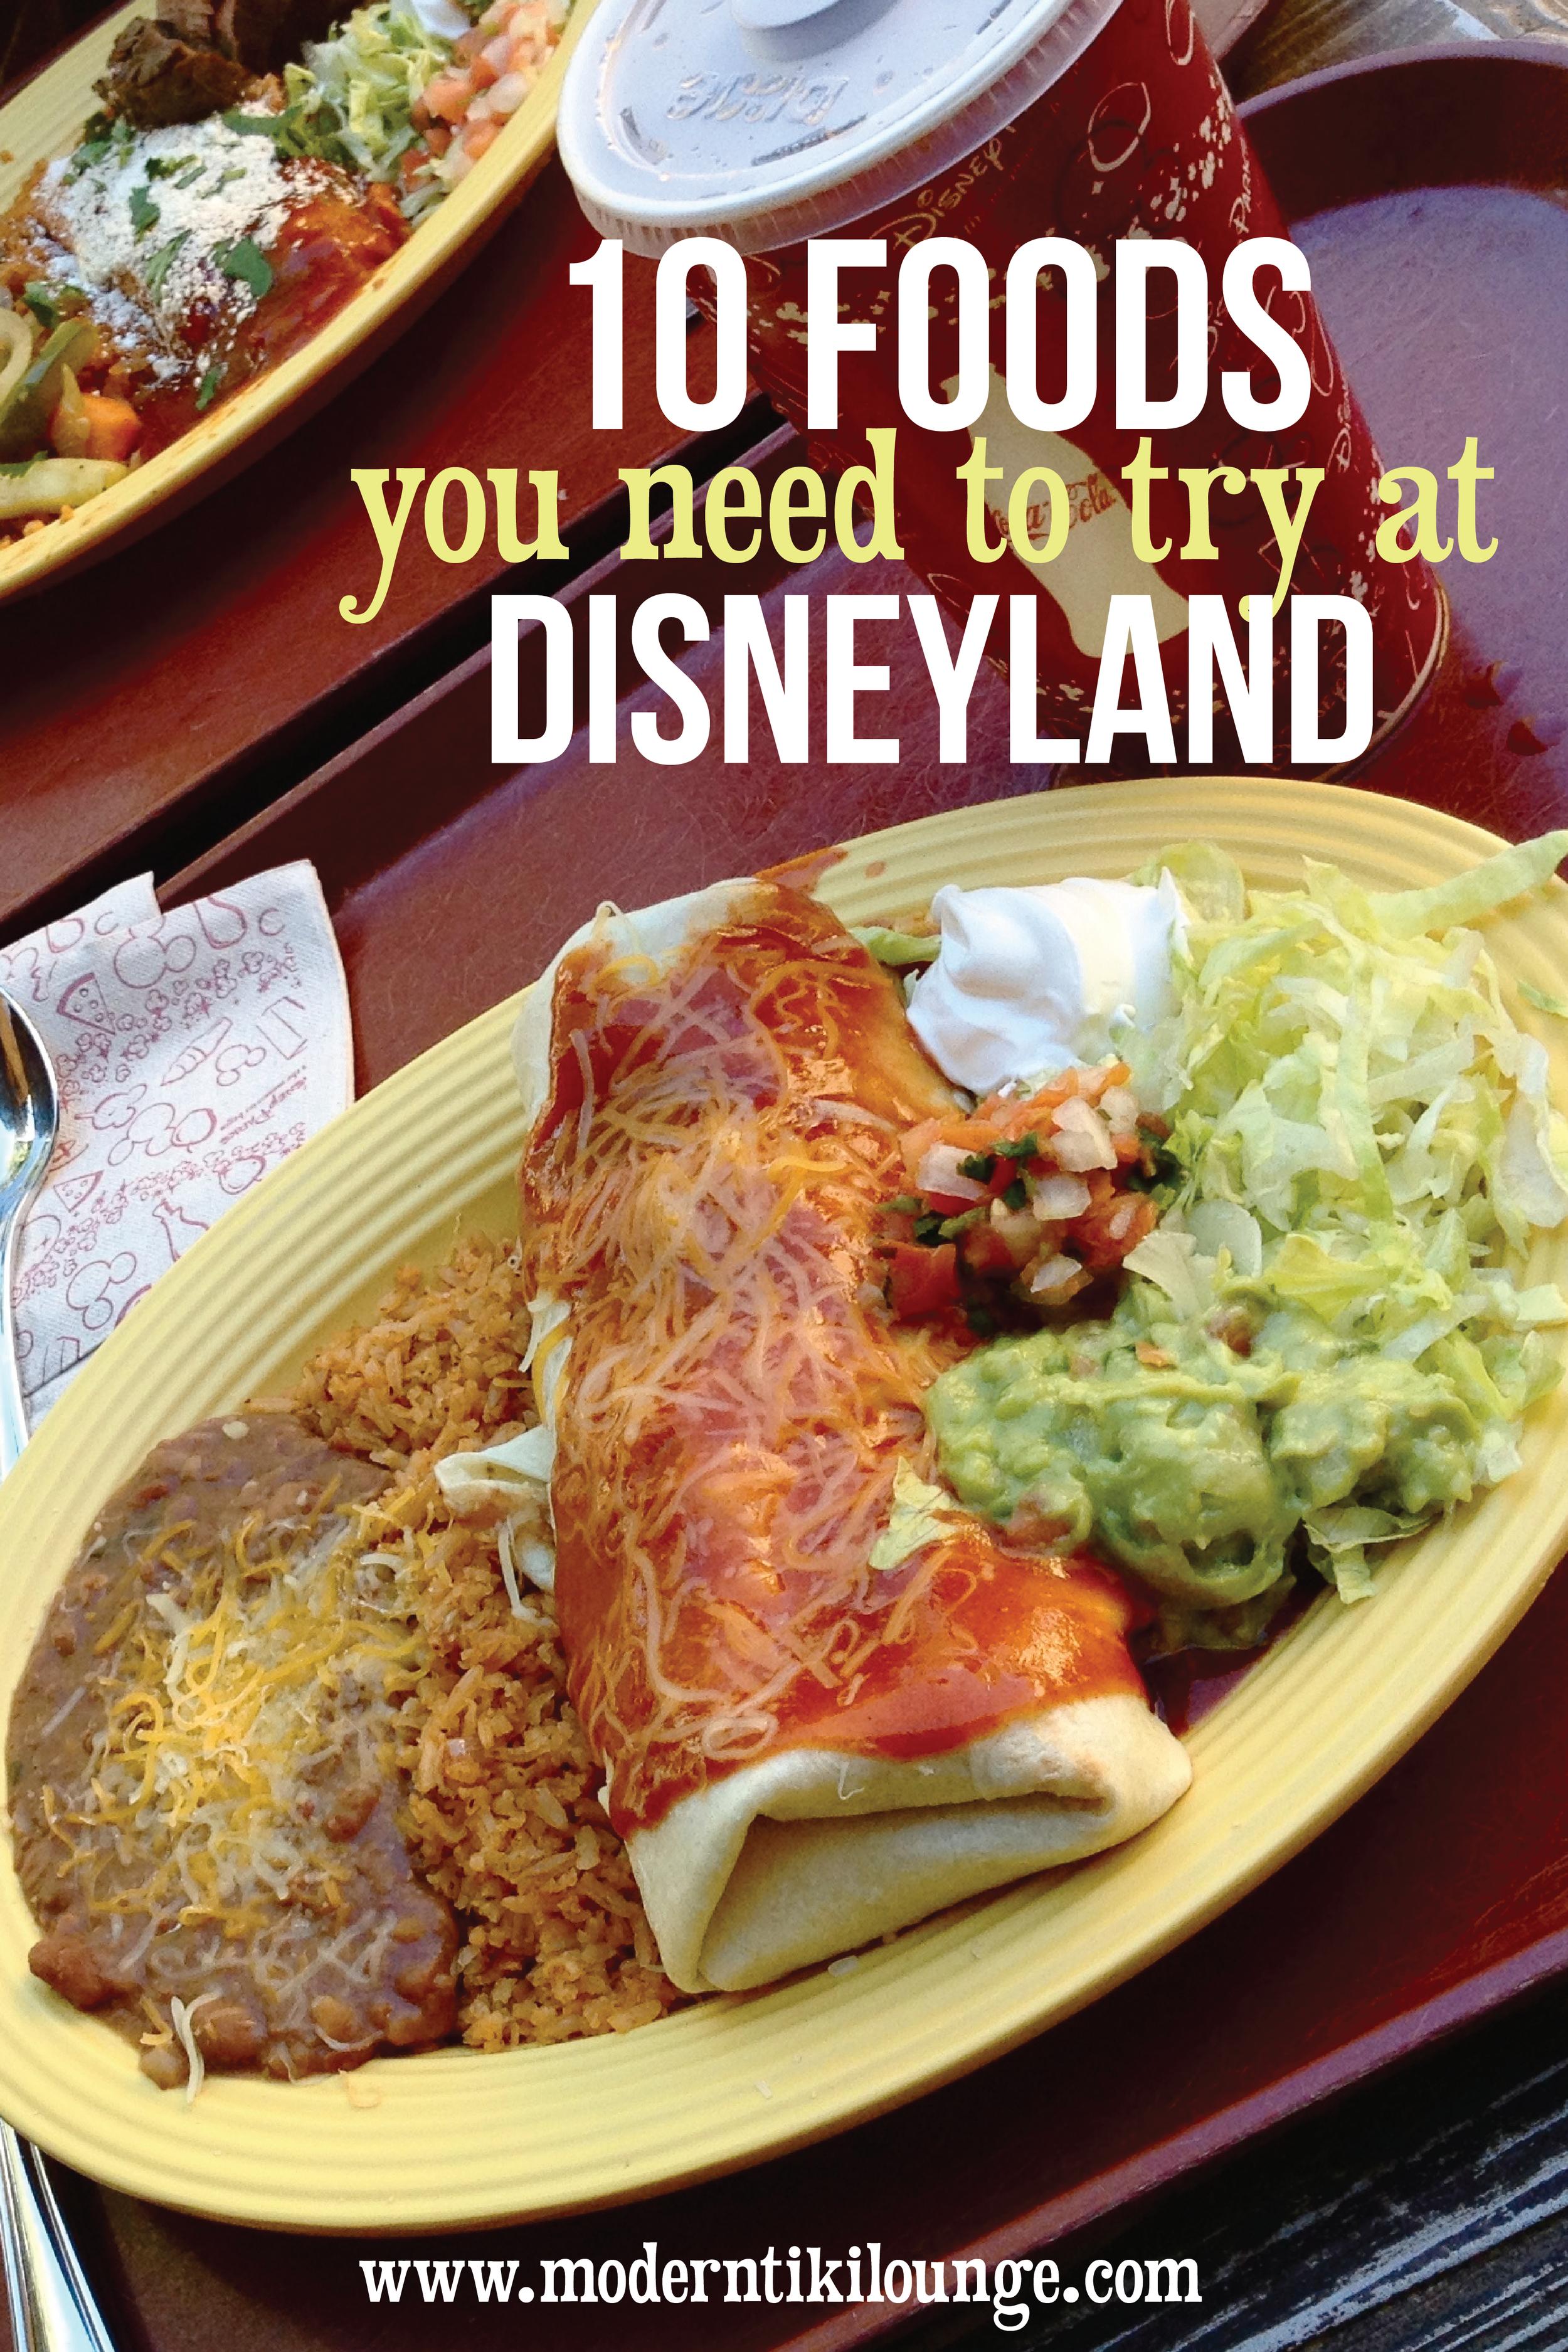 10-foods-try-disneyland.jpg